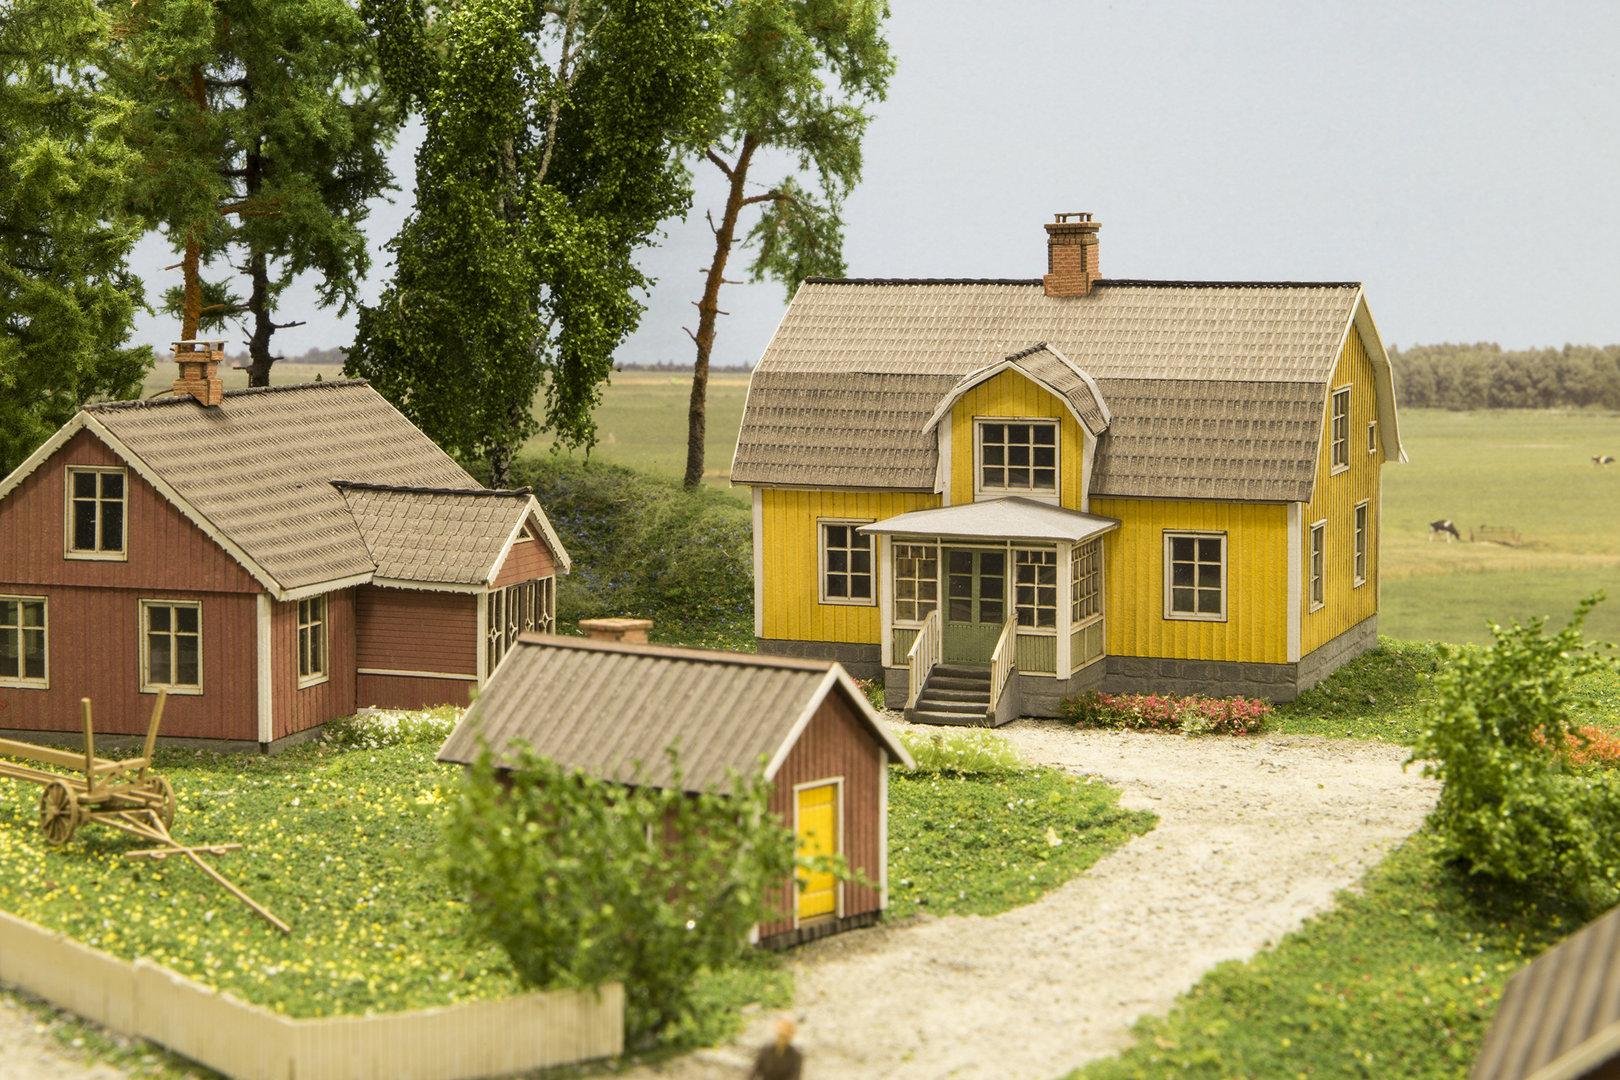 haus mit mansarddach gelb, schweden - lasercut-welten / joswood gmbh